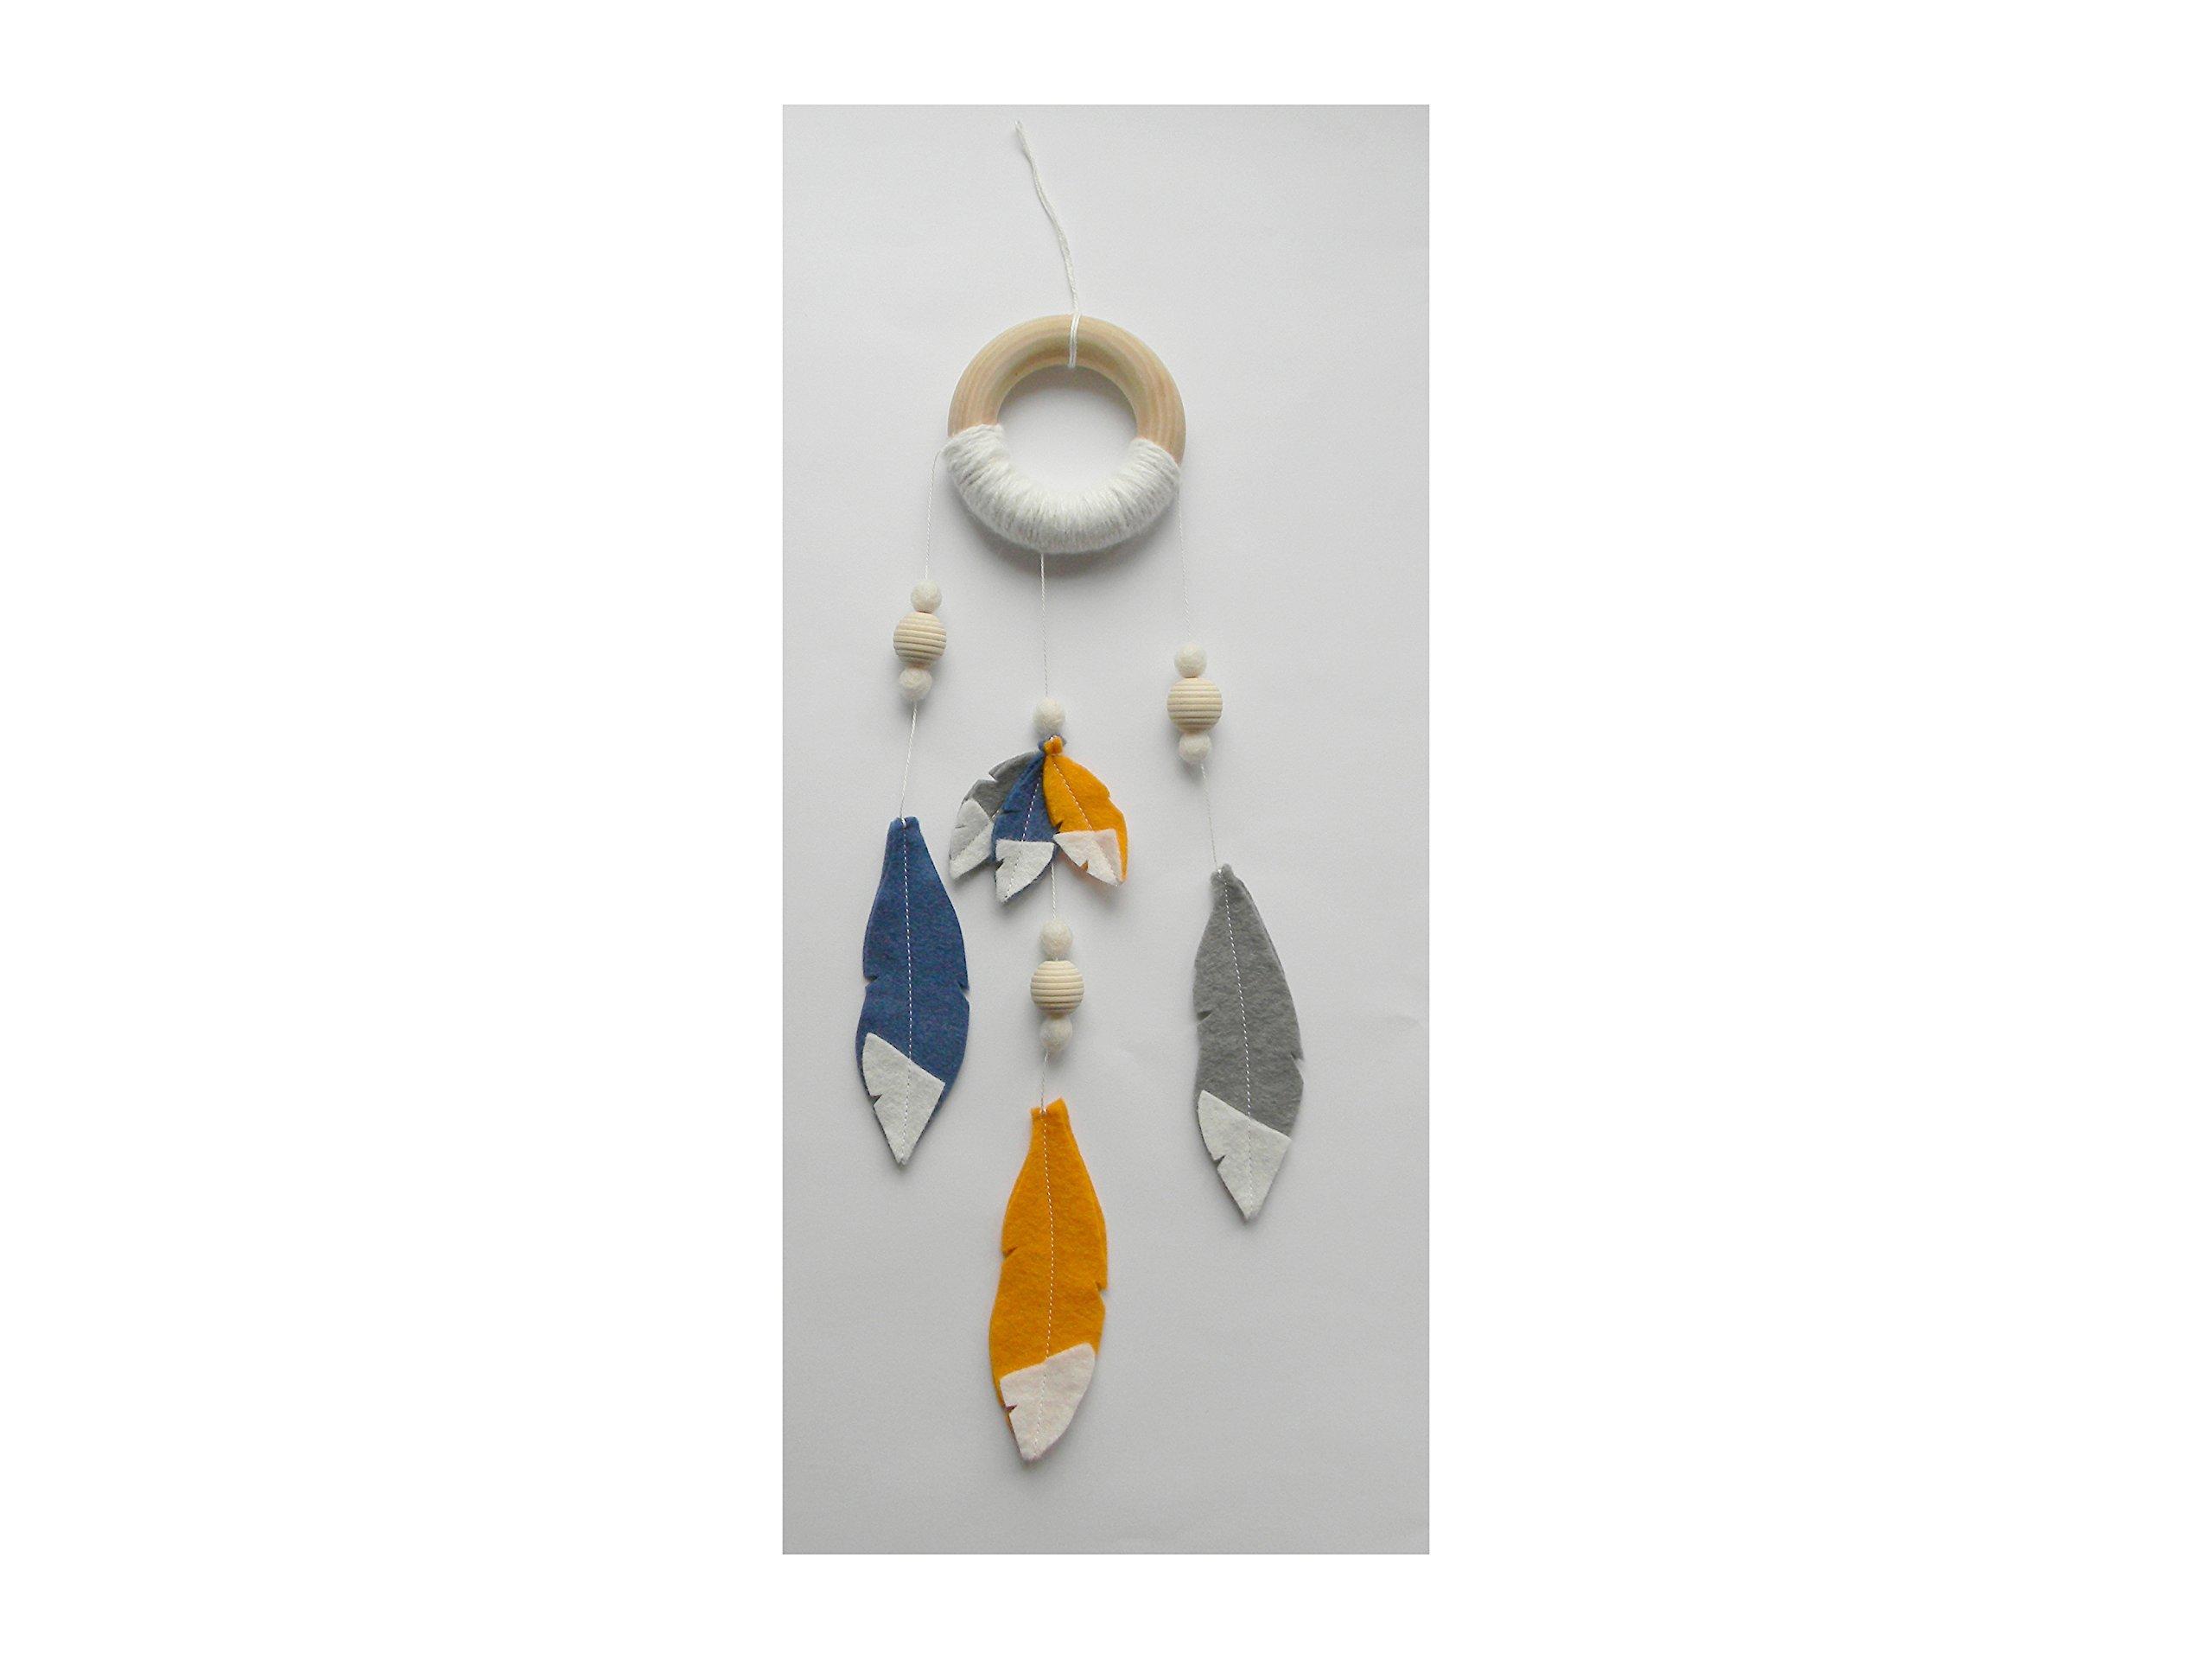 Dream catcher mobile Dream catcher wall hanging Small felt dream catcher Arrow Feather mobile Tribal boho nursery decor gray navy orange